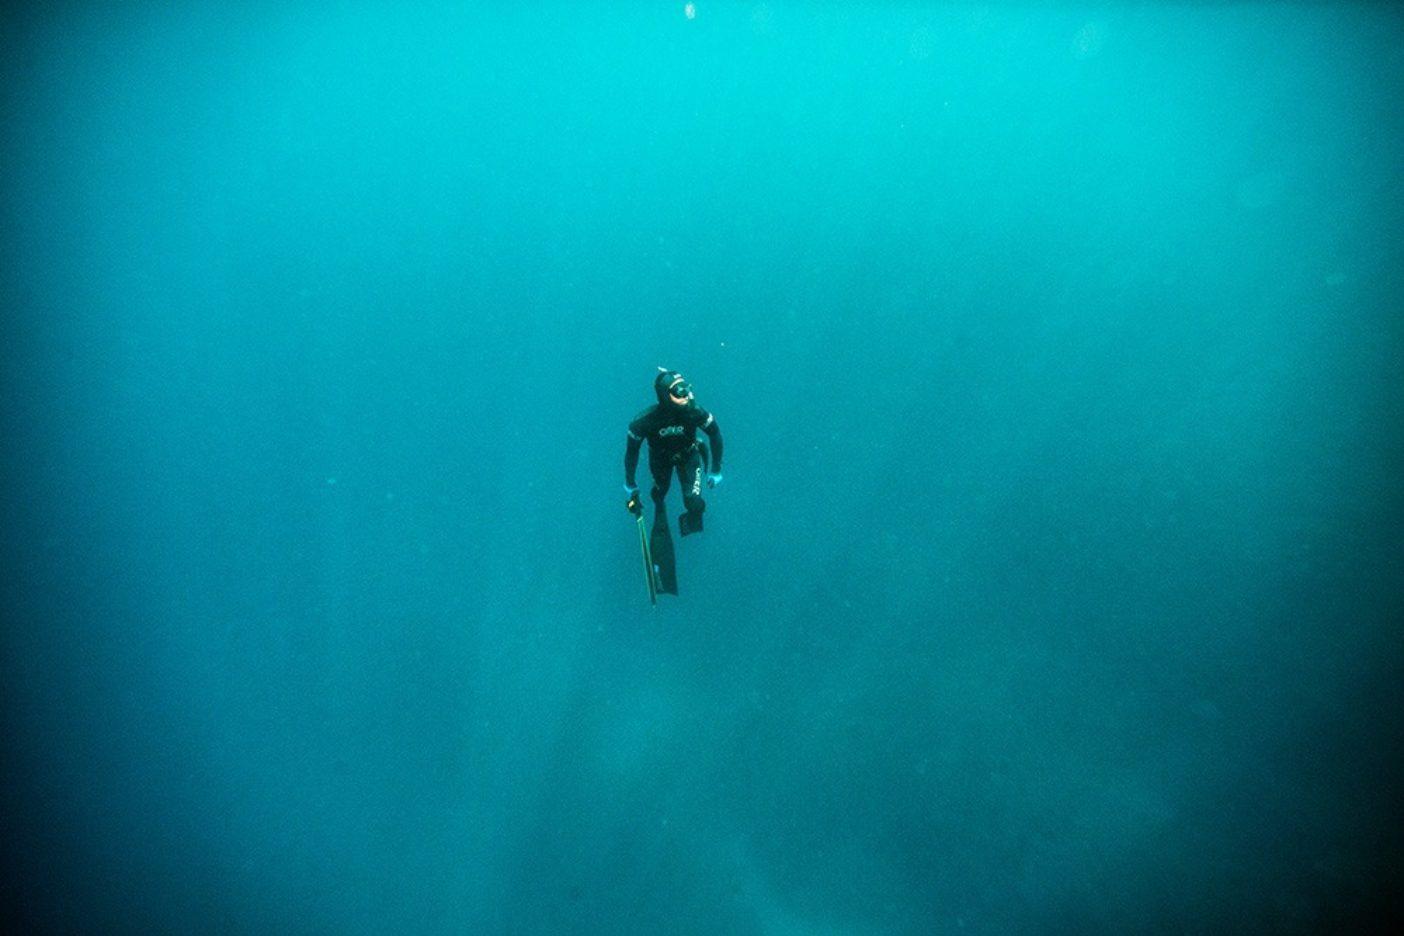 海のなかは非常に孤独に感じることもあるが、すべてと繋がれていることを実感できる場所でもある。写Photo: Pedro Gomes